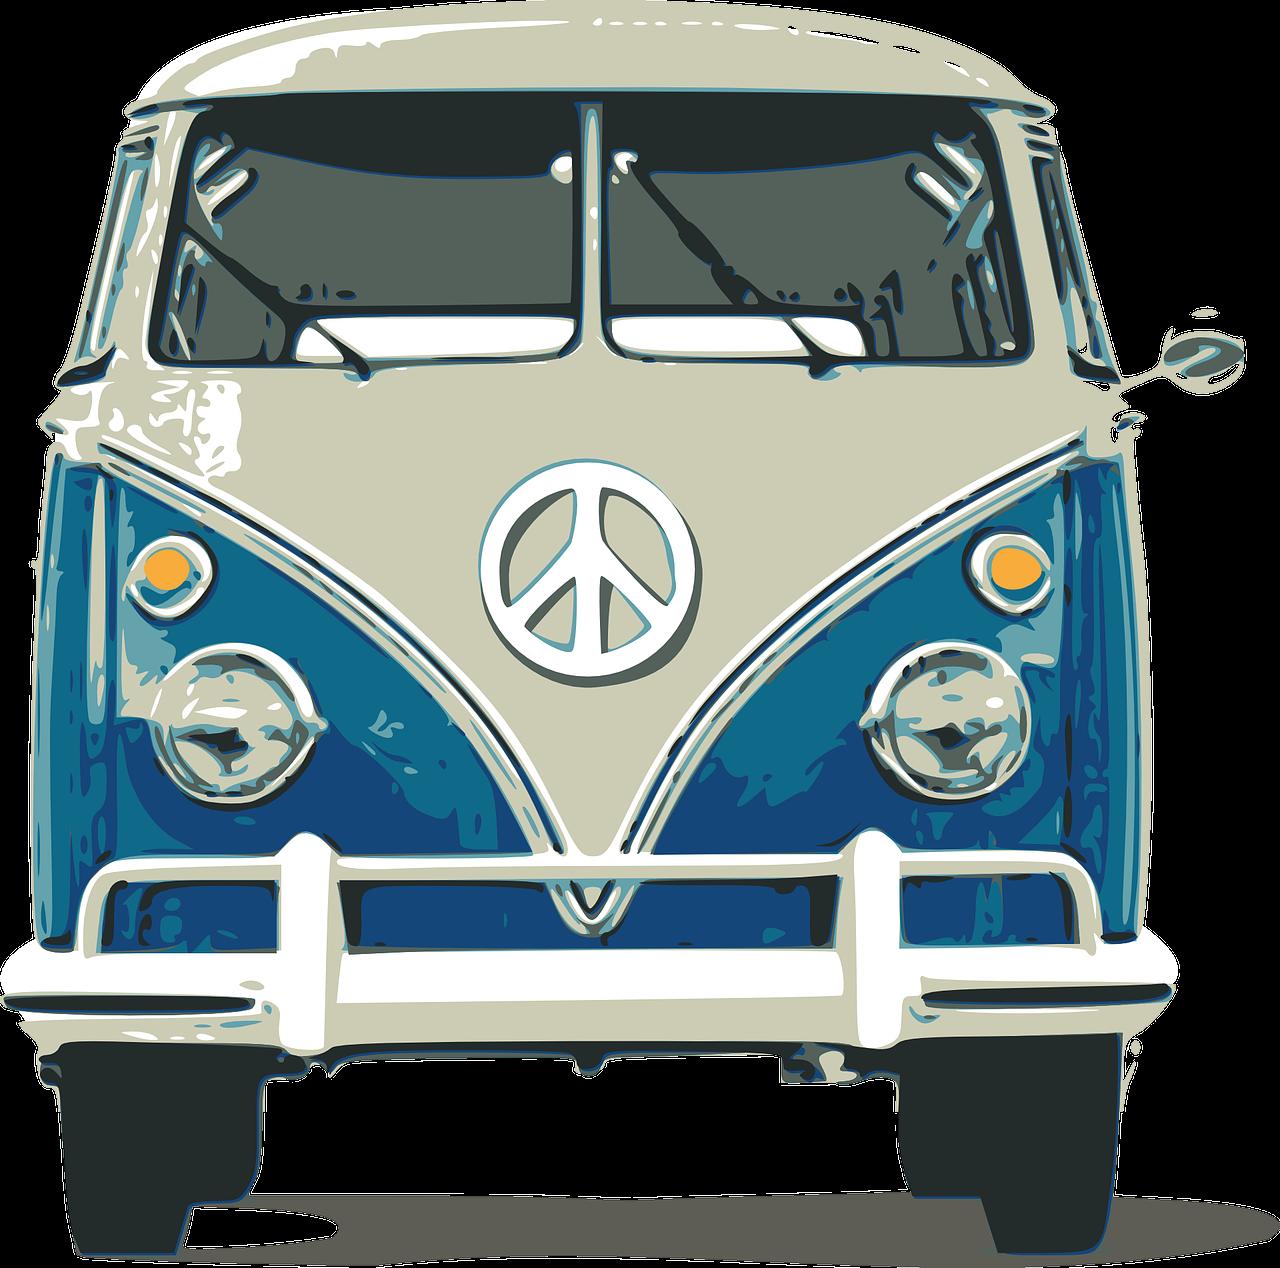 Foto Animasi Mobil Volkswagen Keren